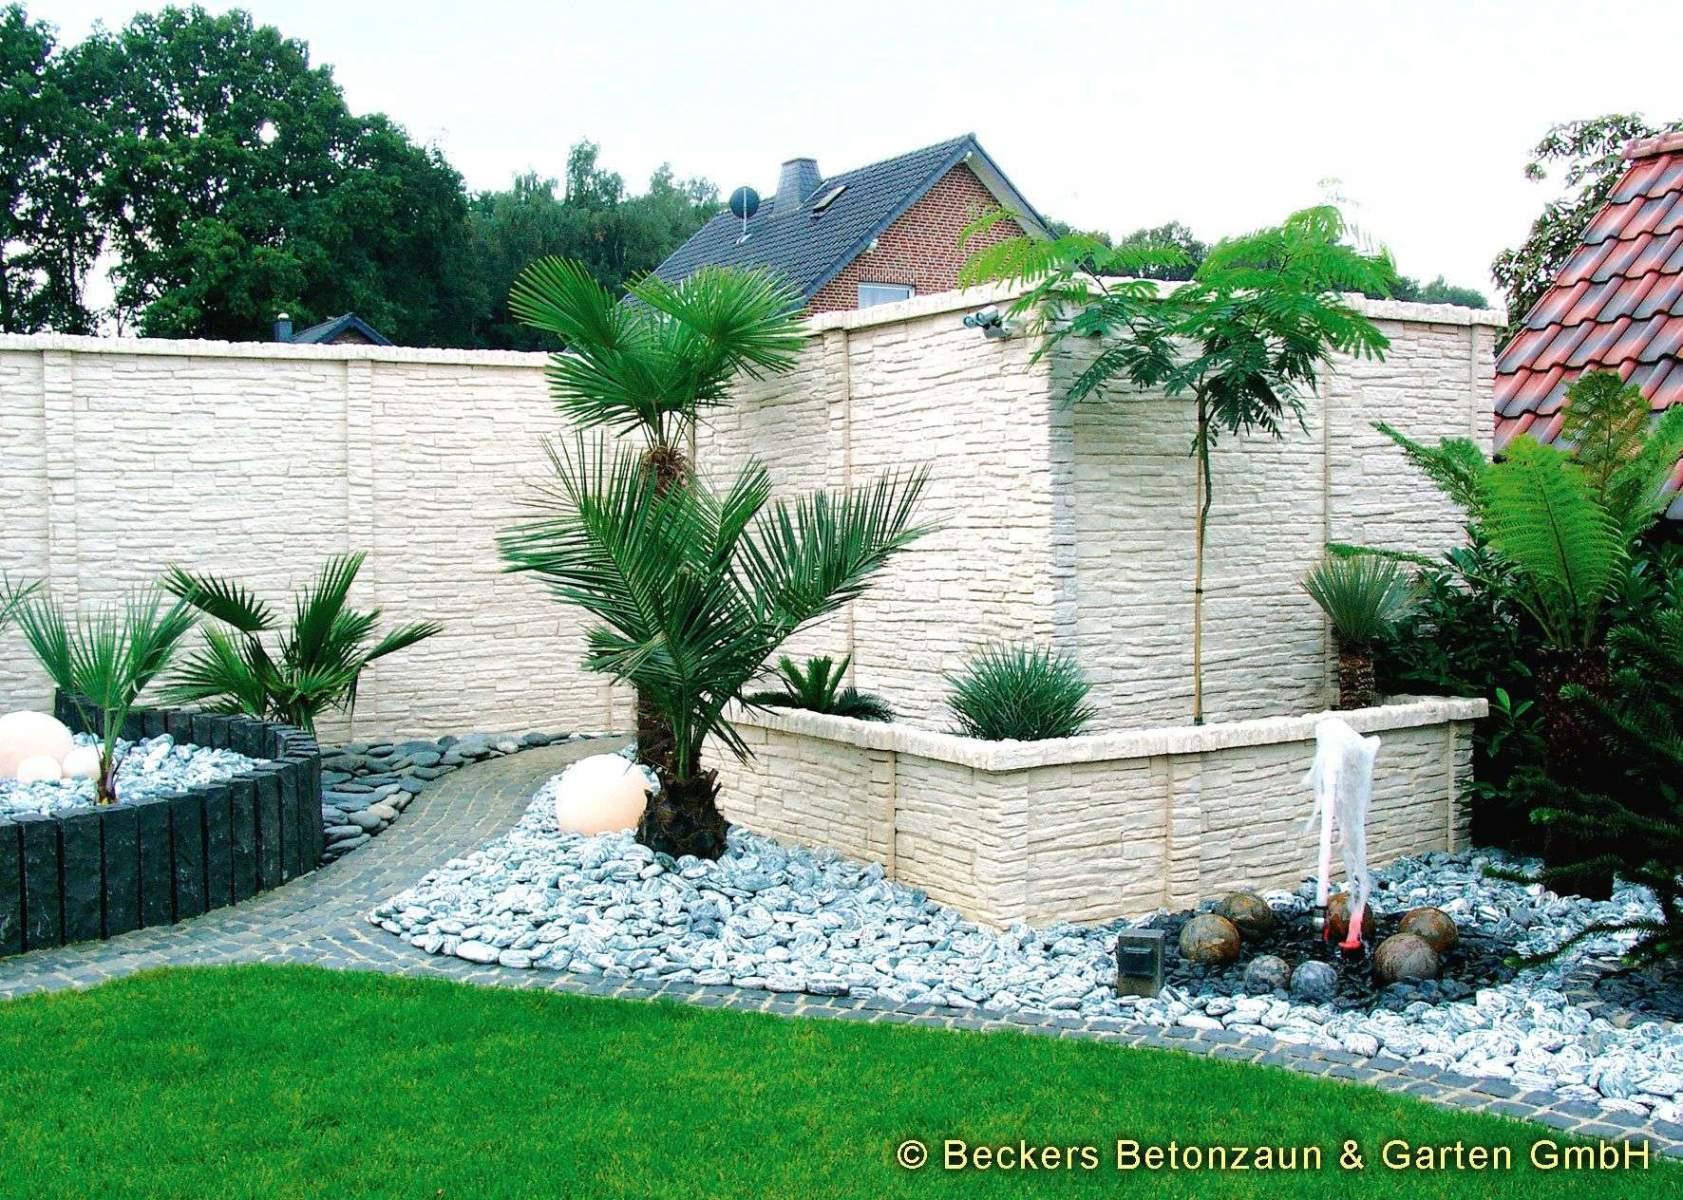 Gärten Der Welt Berlin Inspirierend Große Gärten Gestalten — Temobardz Home Blog